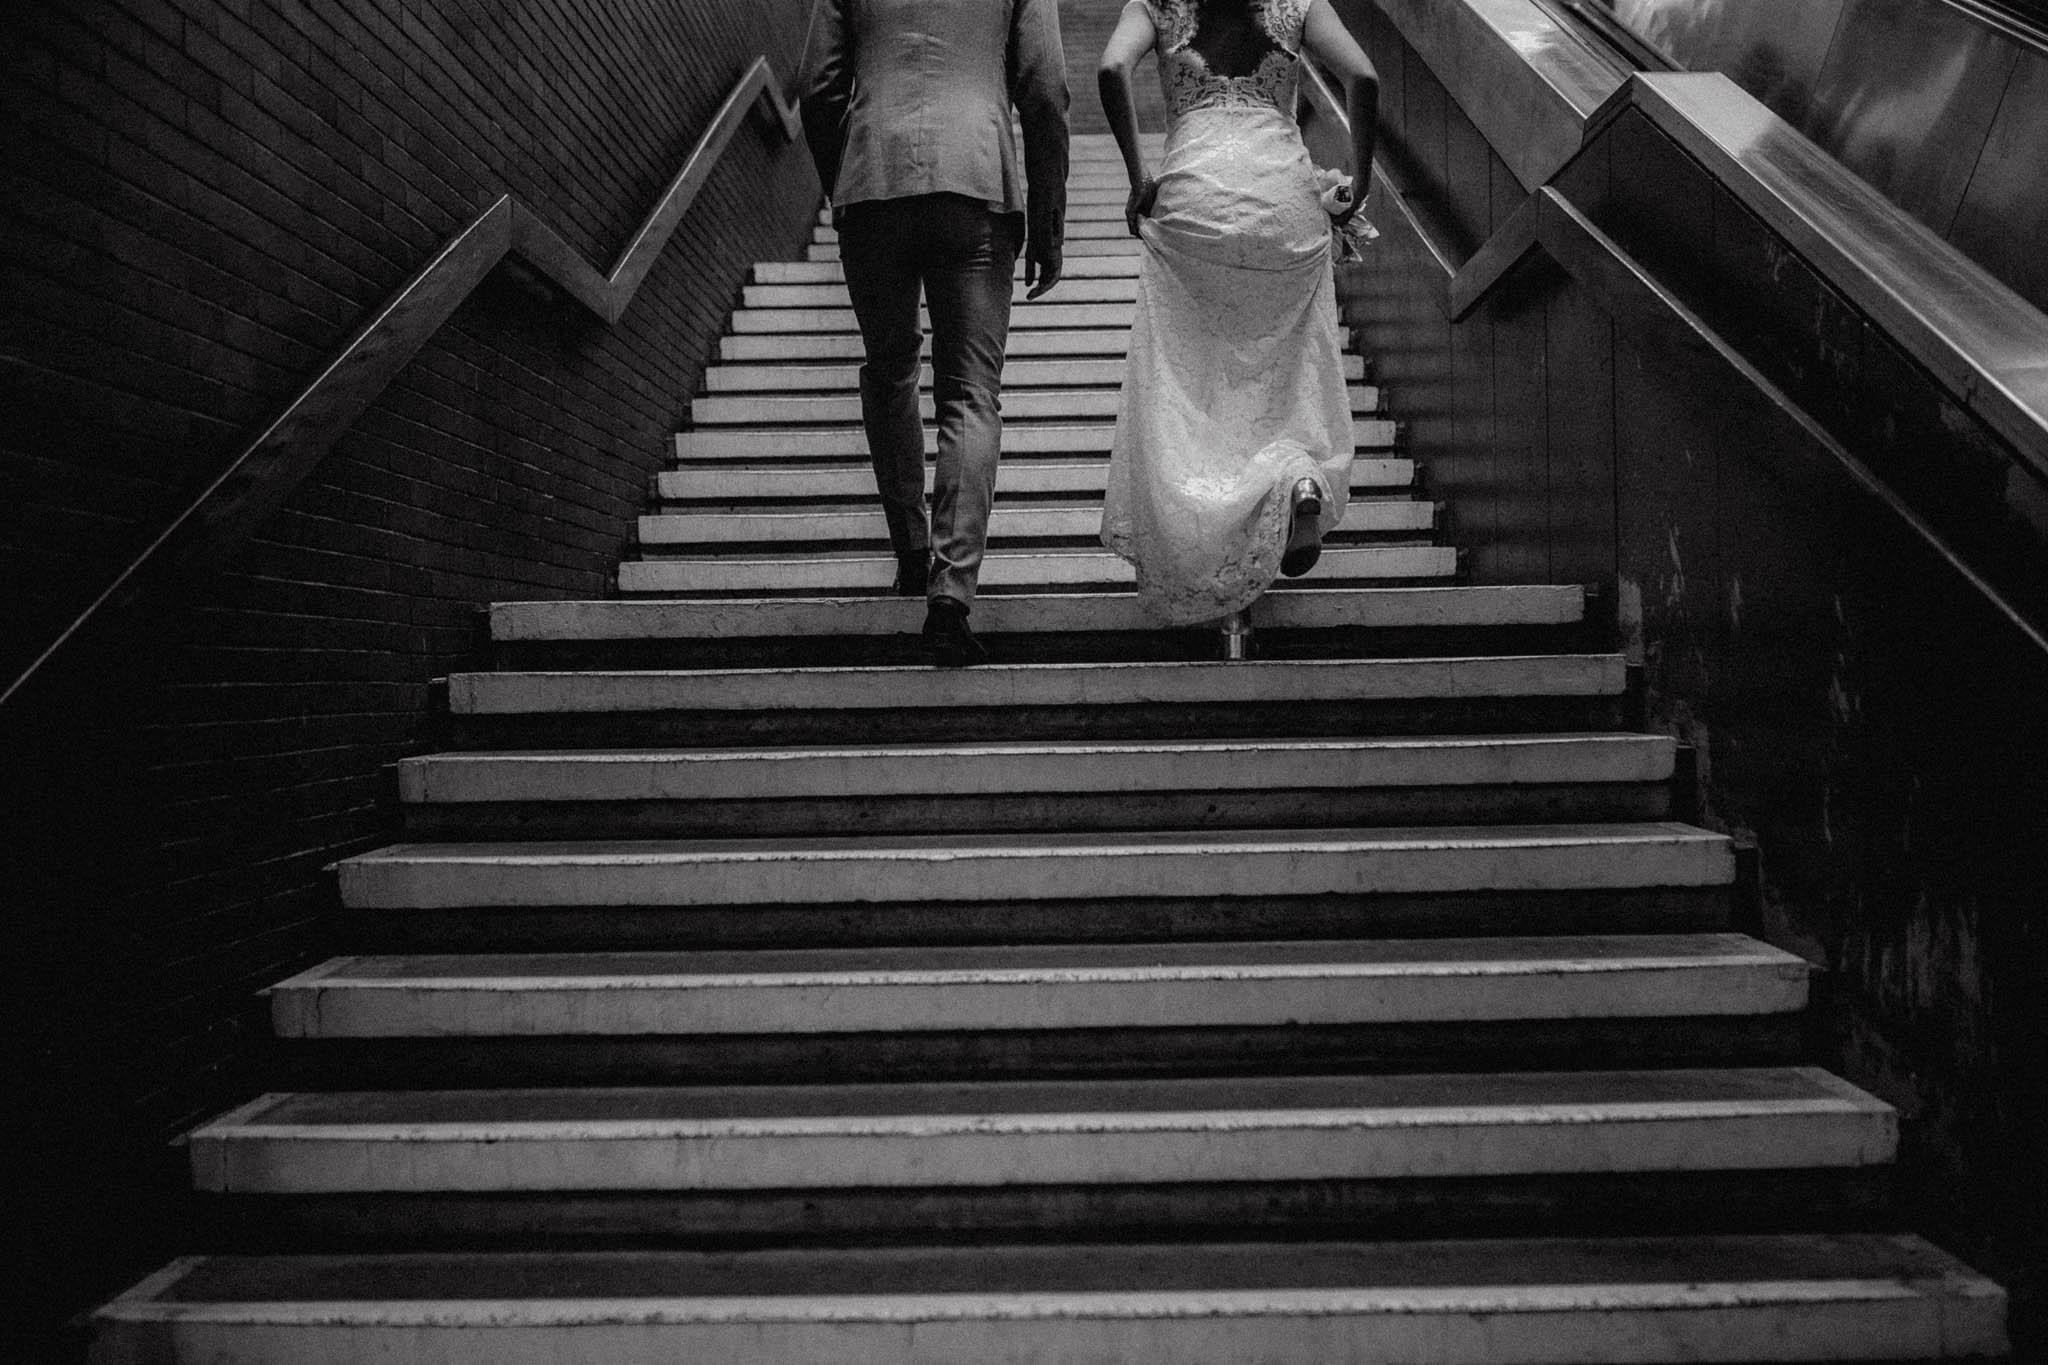 Hochzeit_in_Fabrik23_nhow_7713